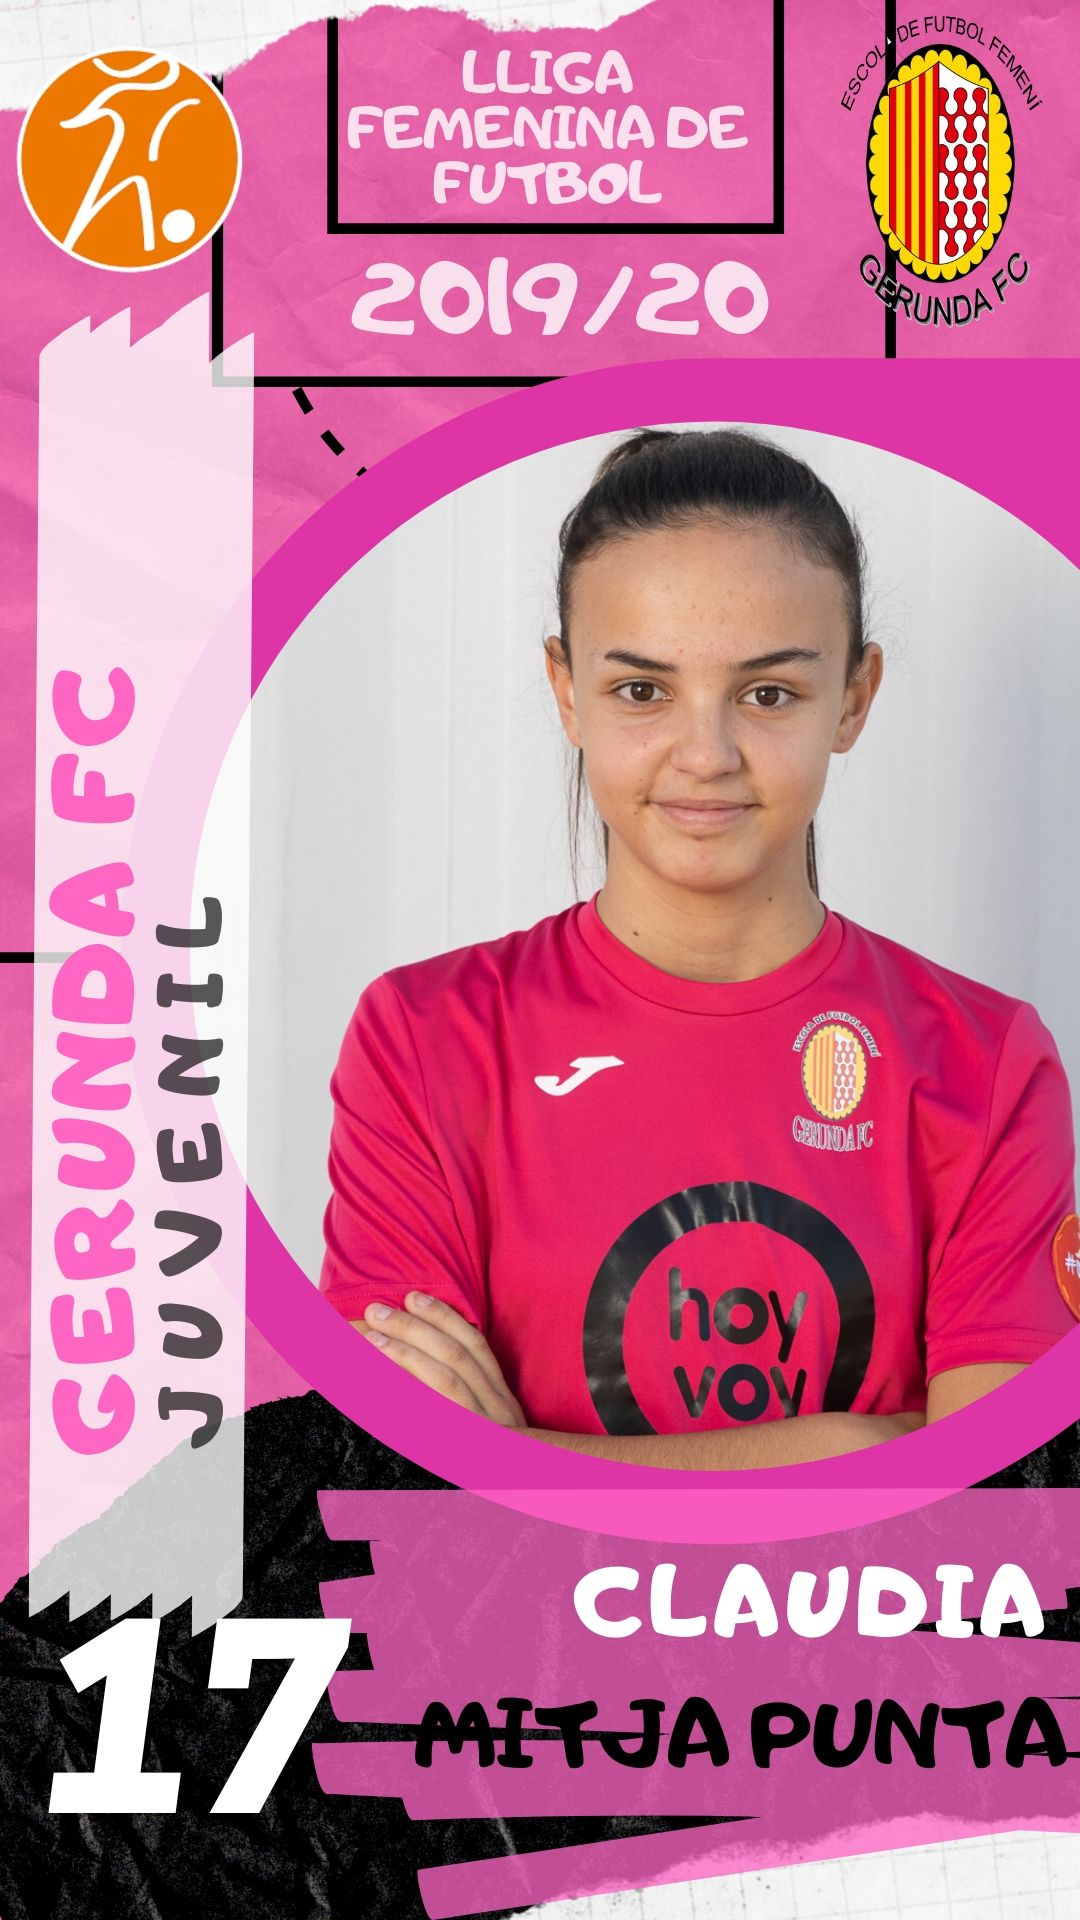 17 Claudia